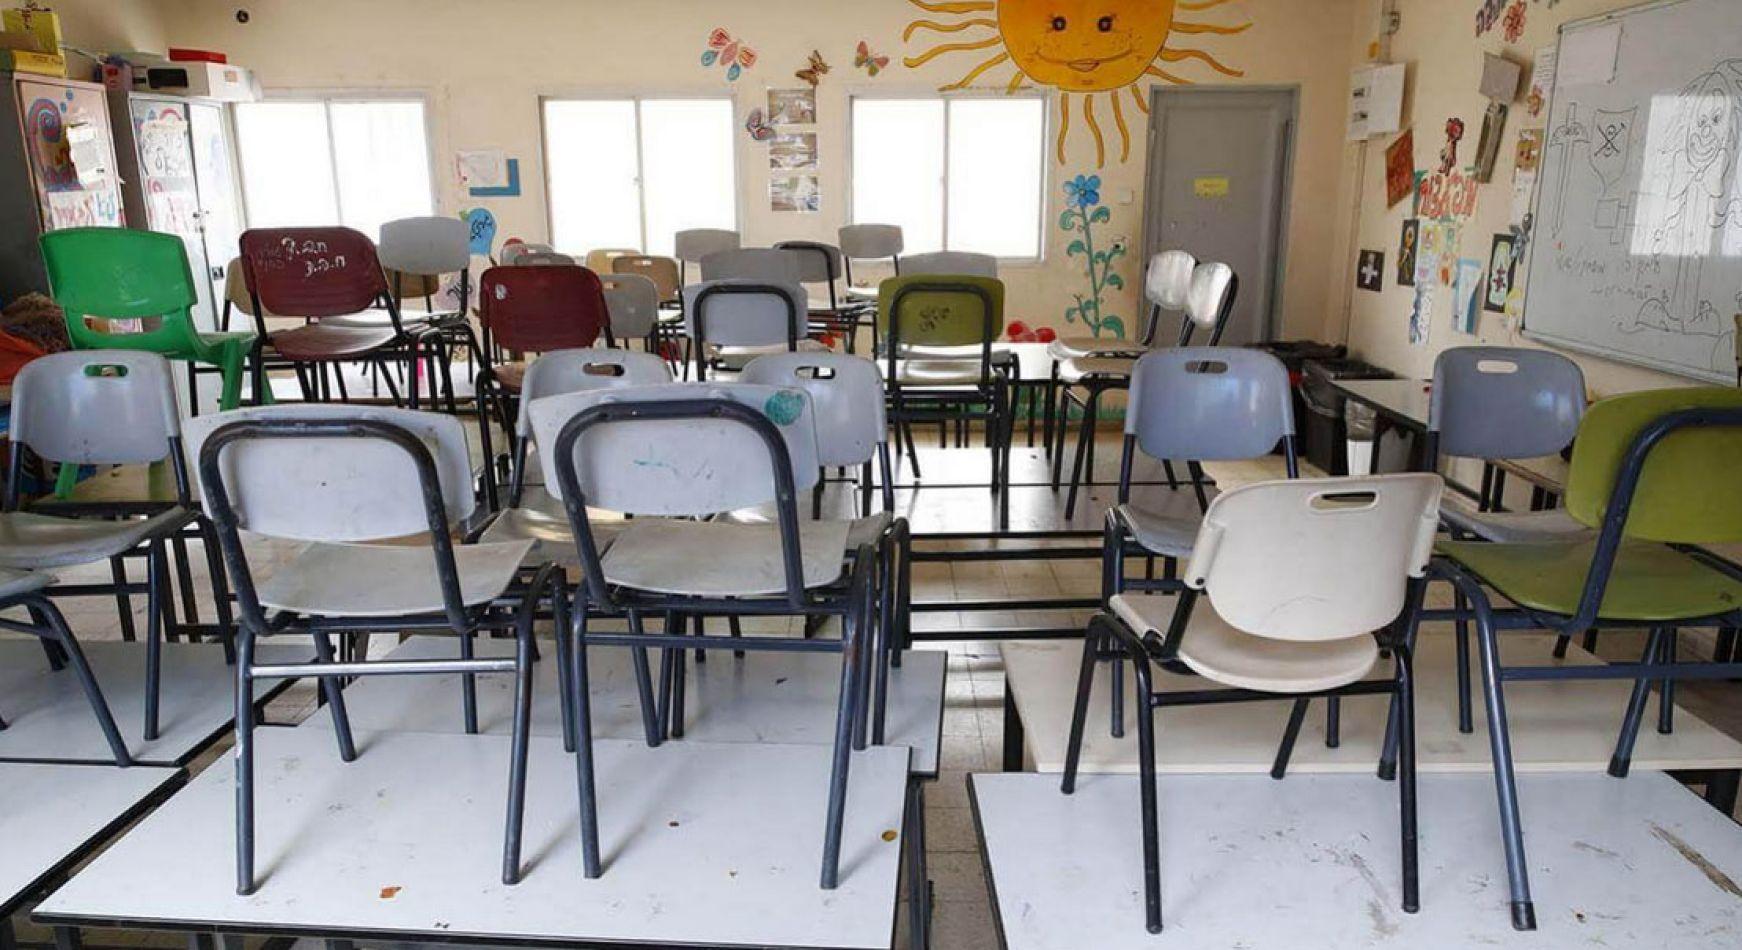 Para Sutef, se deberían cerrar los establecimientos educativos